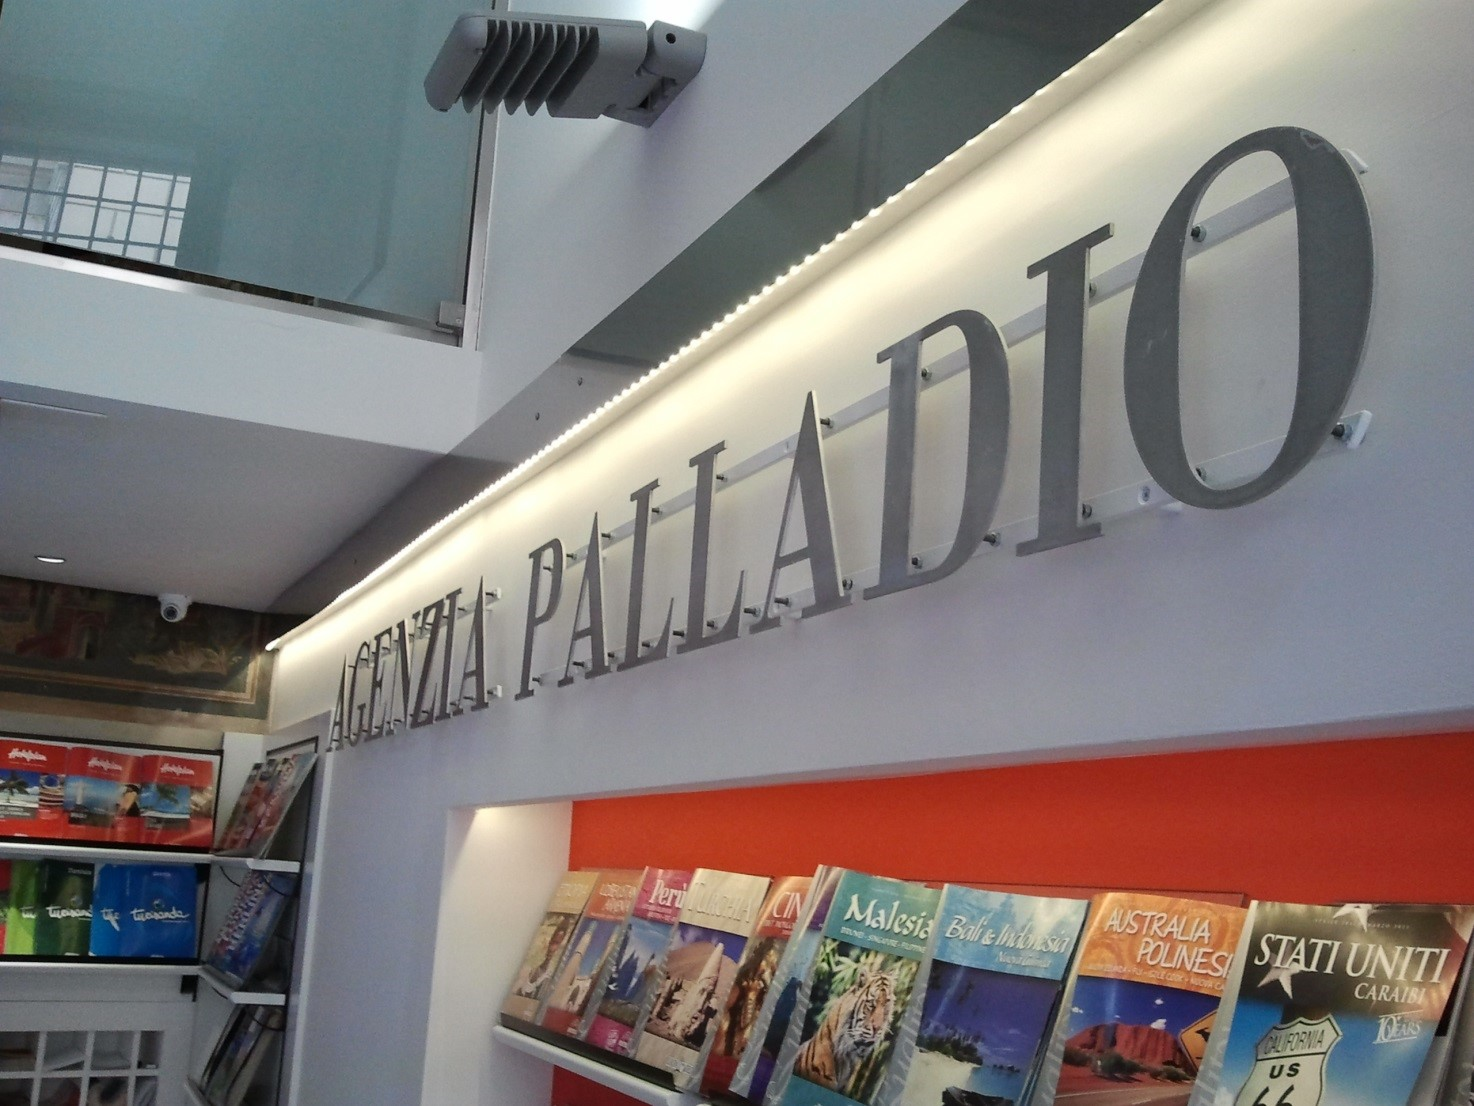 Agenzia Viaggi Palladio – Vicenza